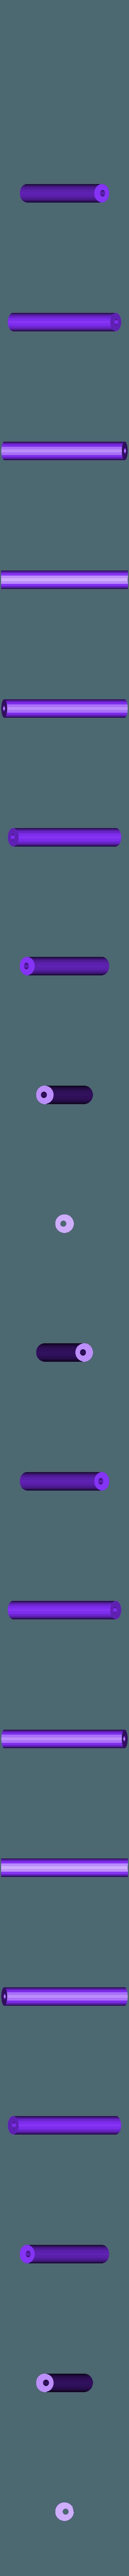 Pondy TallTowerPost.stl Télécharger fichier STL gratuit Cascade de chutes d'eau avec Koi • Modèle pour imprimante 3D, MinerBatman